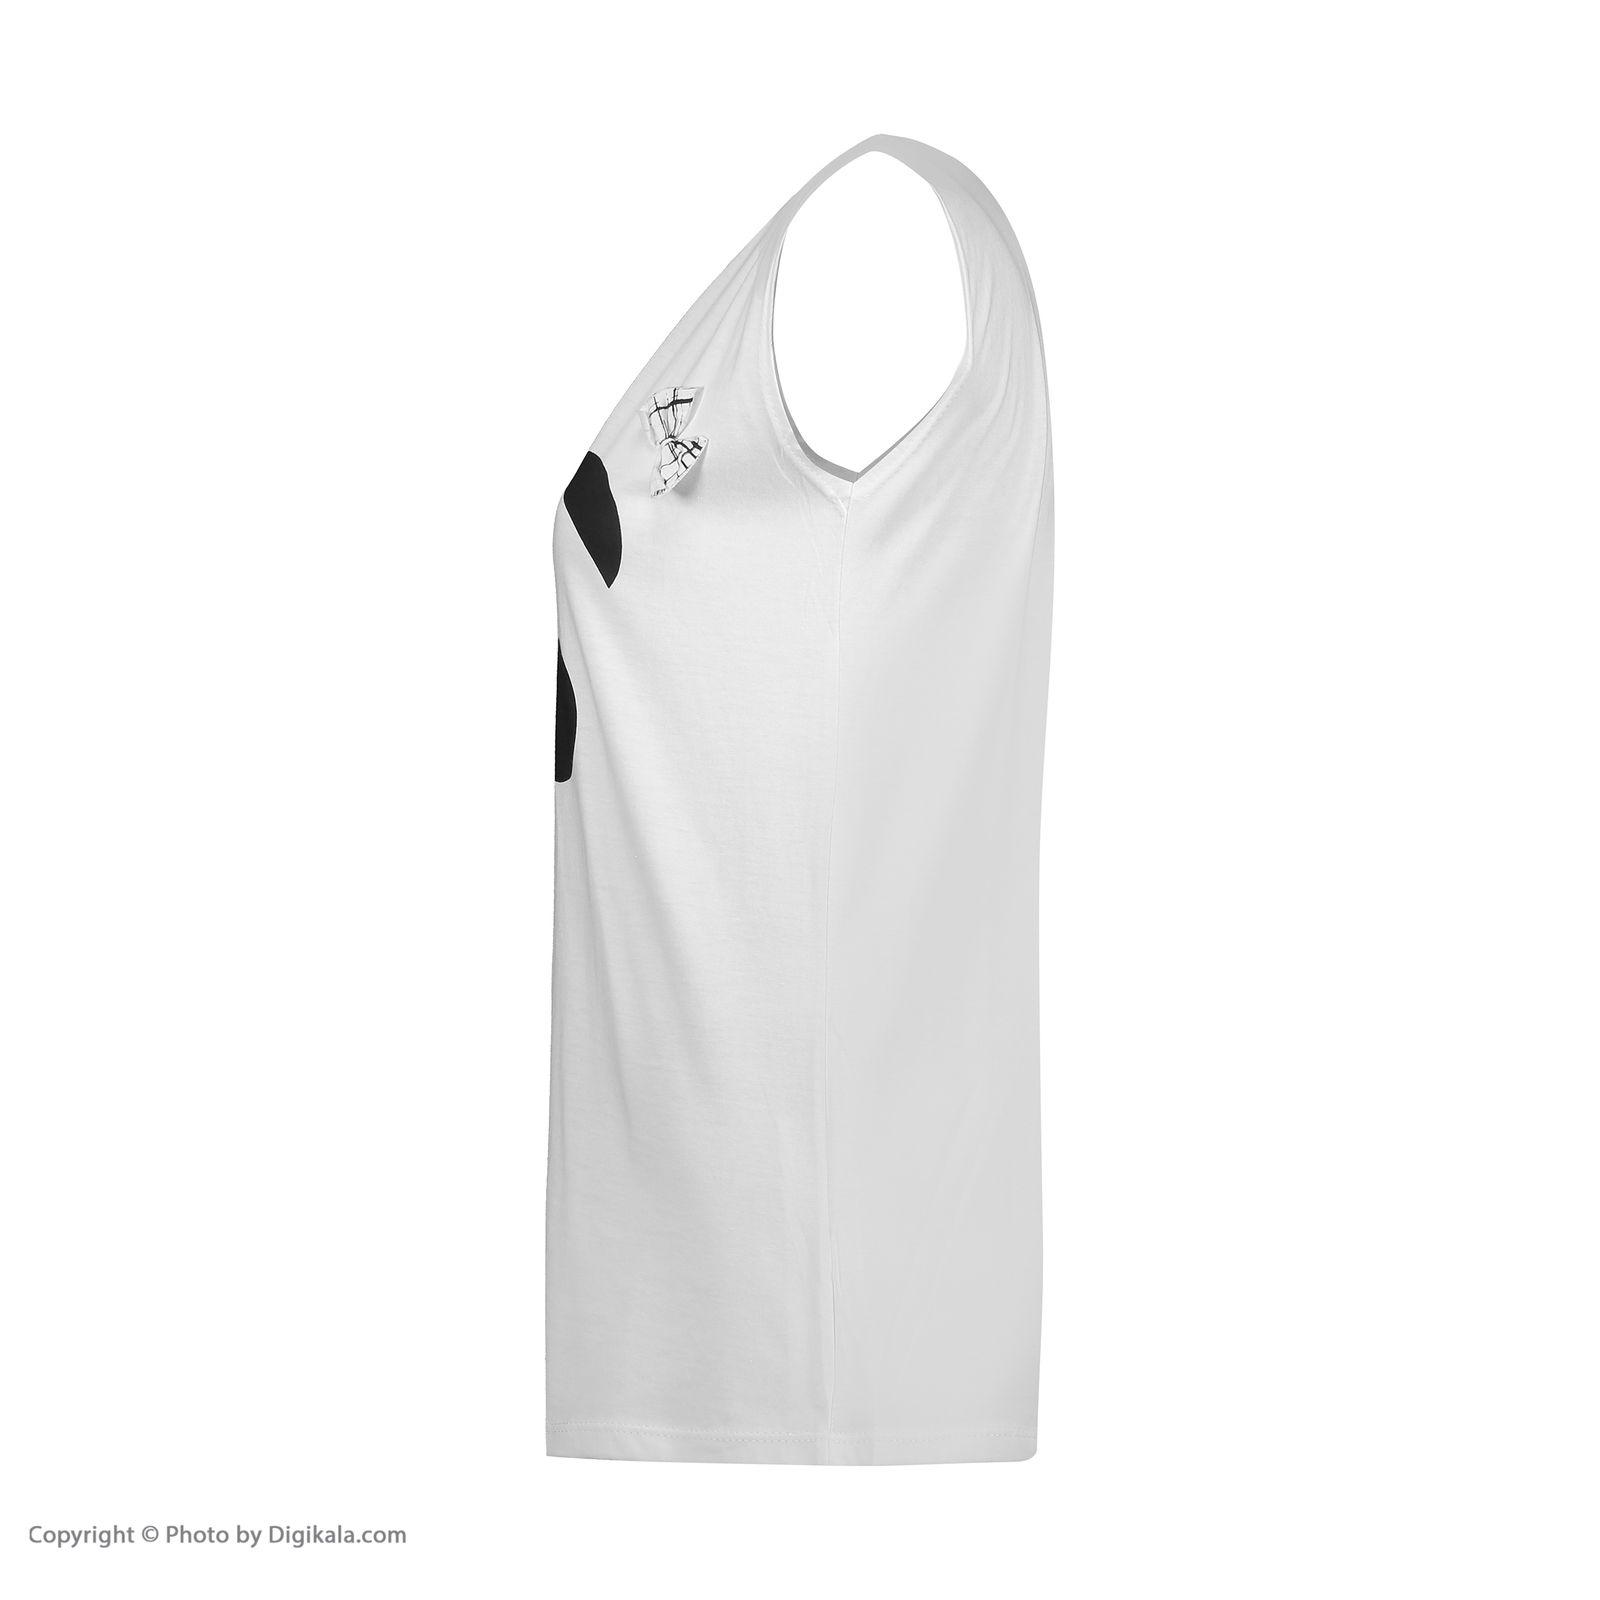 ست تاپ و شلوارک زنانه فمیلی ور طرح پاندا کد 0220 رنگ سفید -  - 9